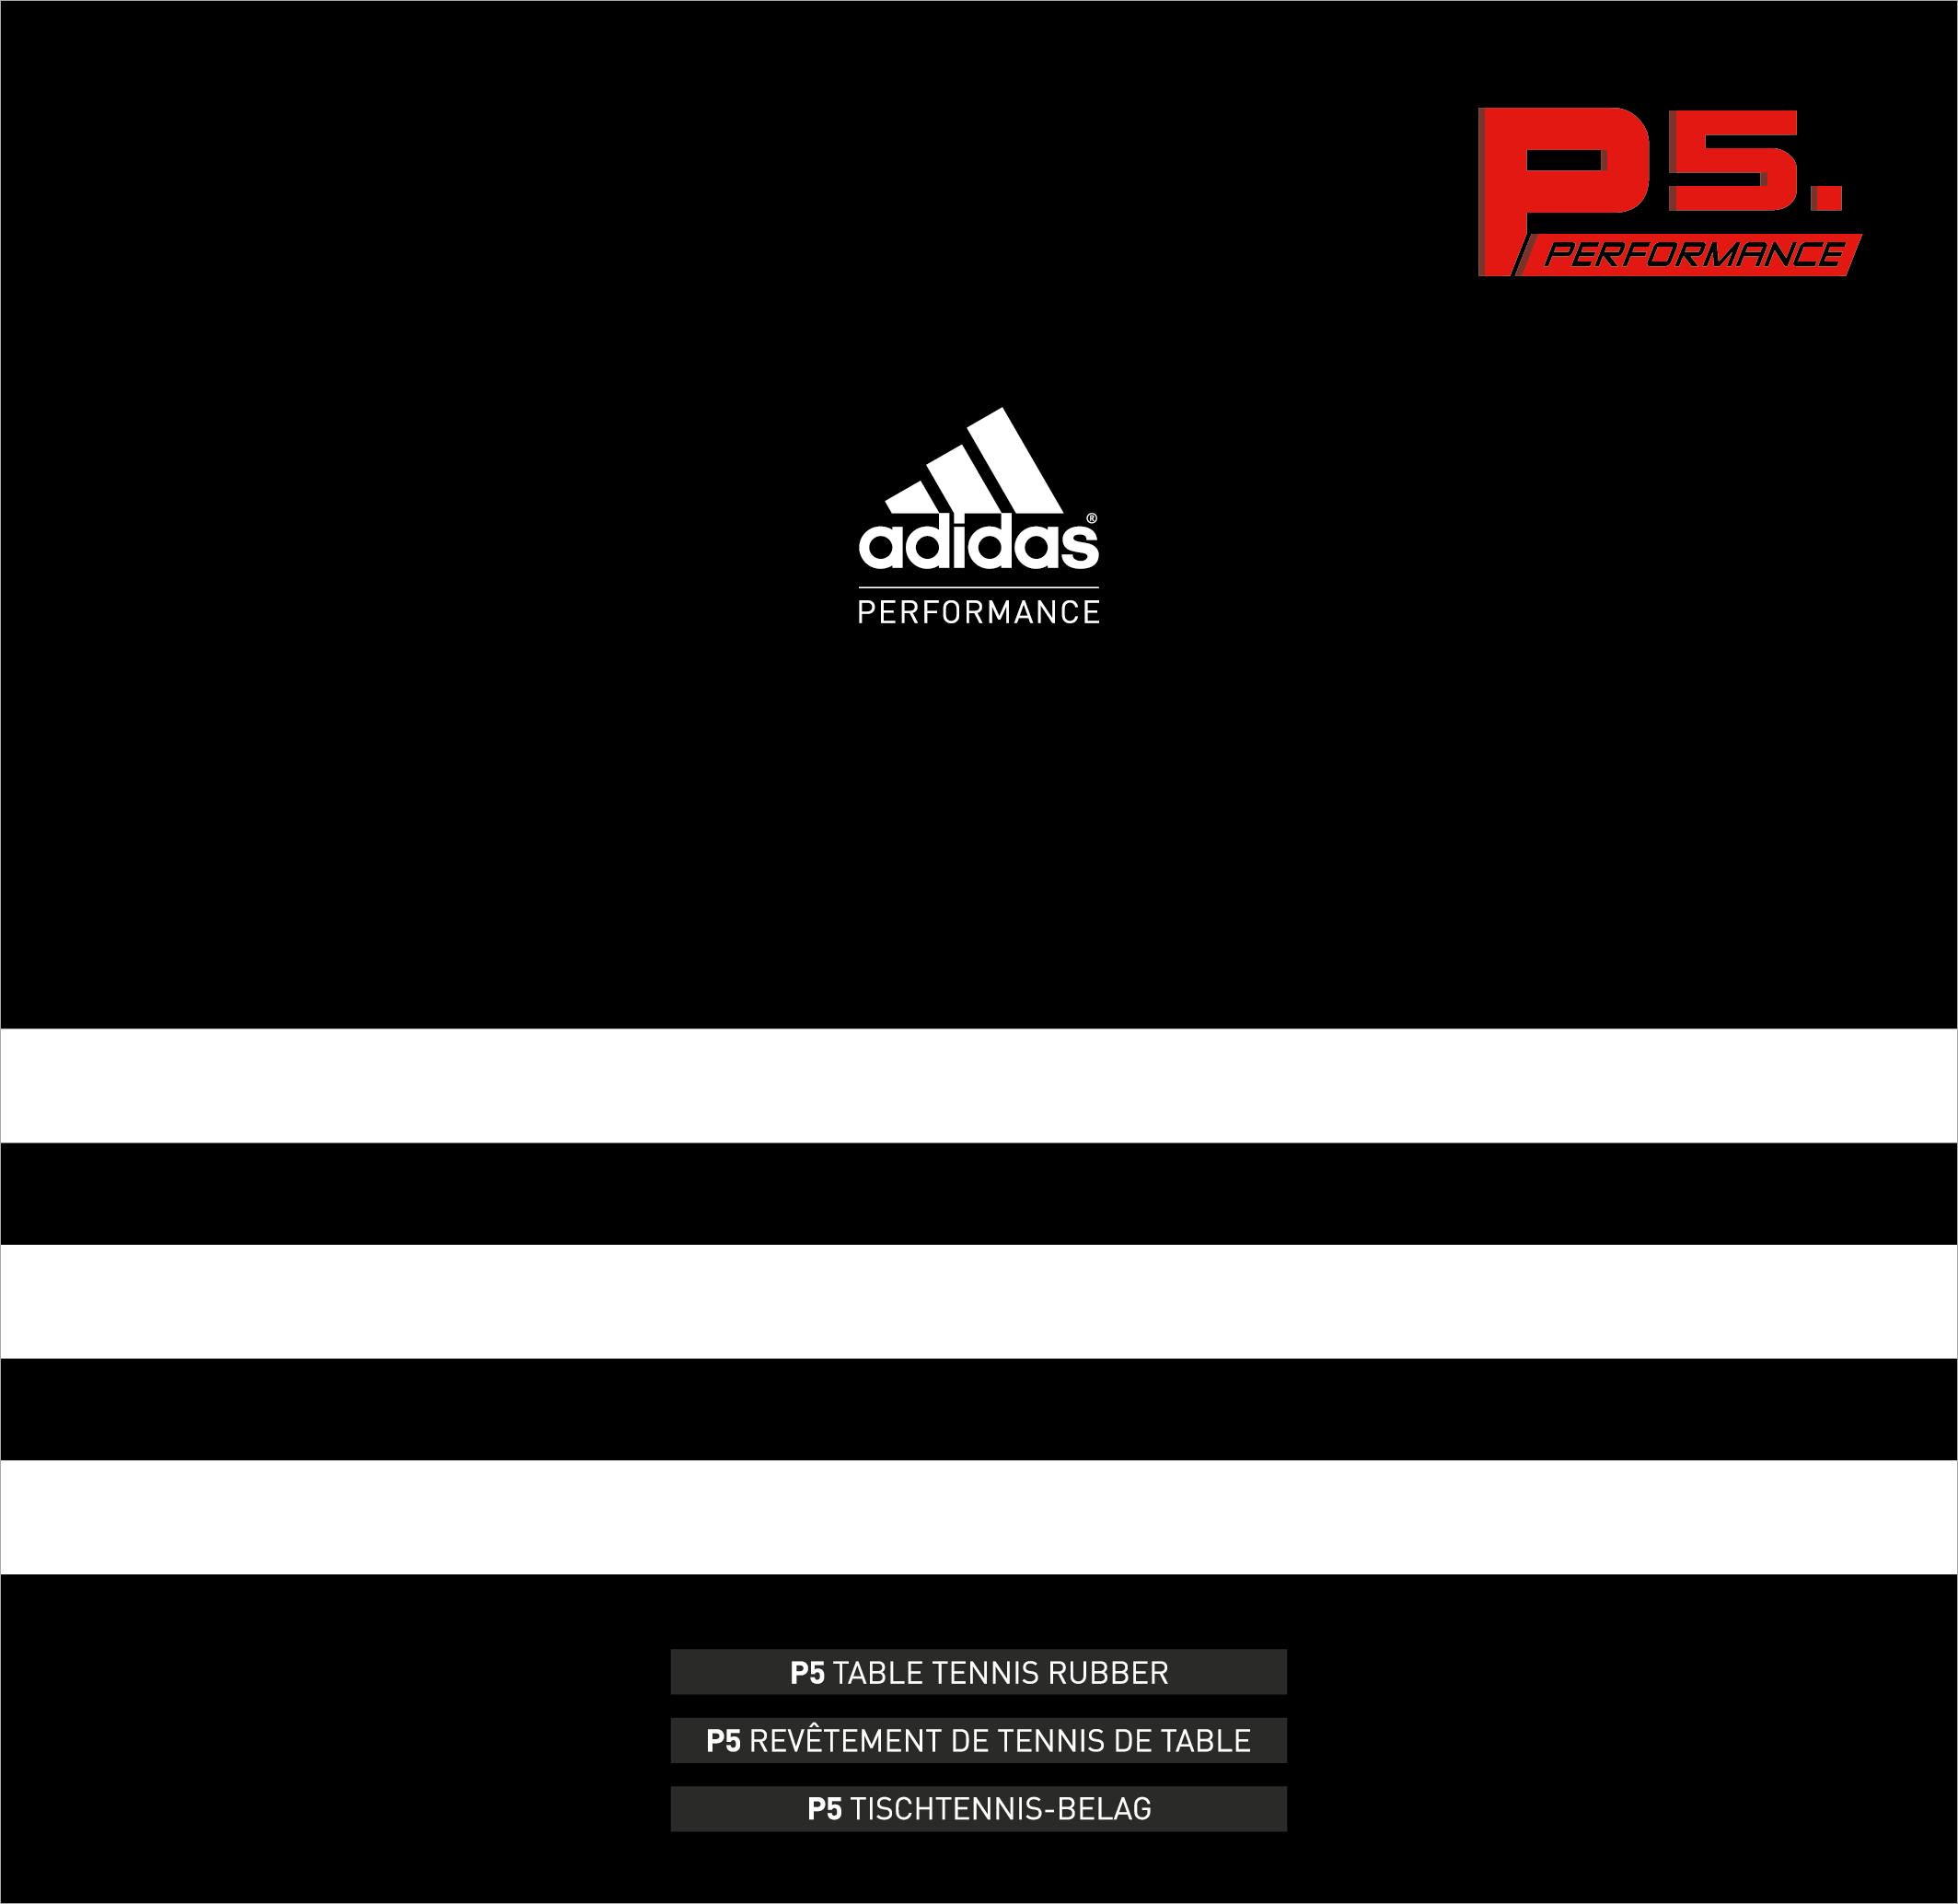 Adidas P5 Performence - Tischtennis Belag